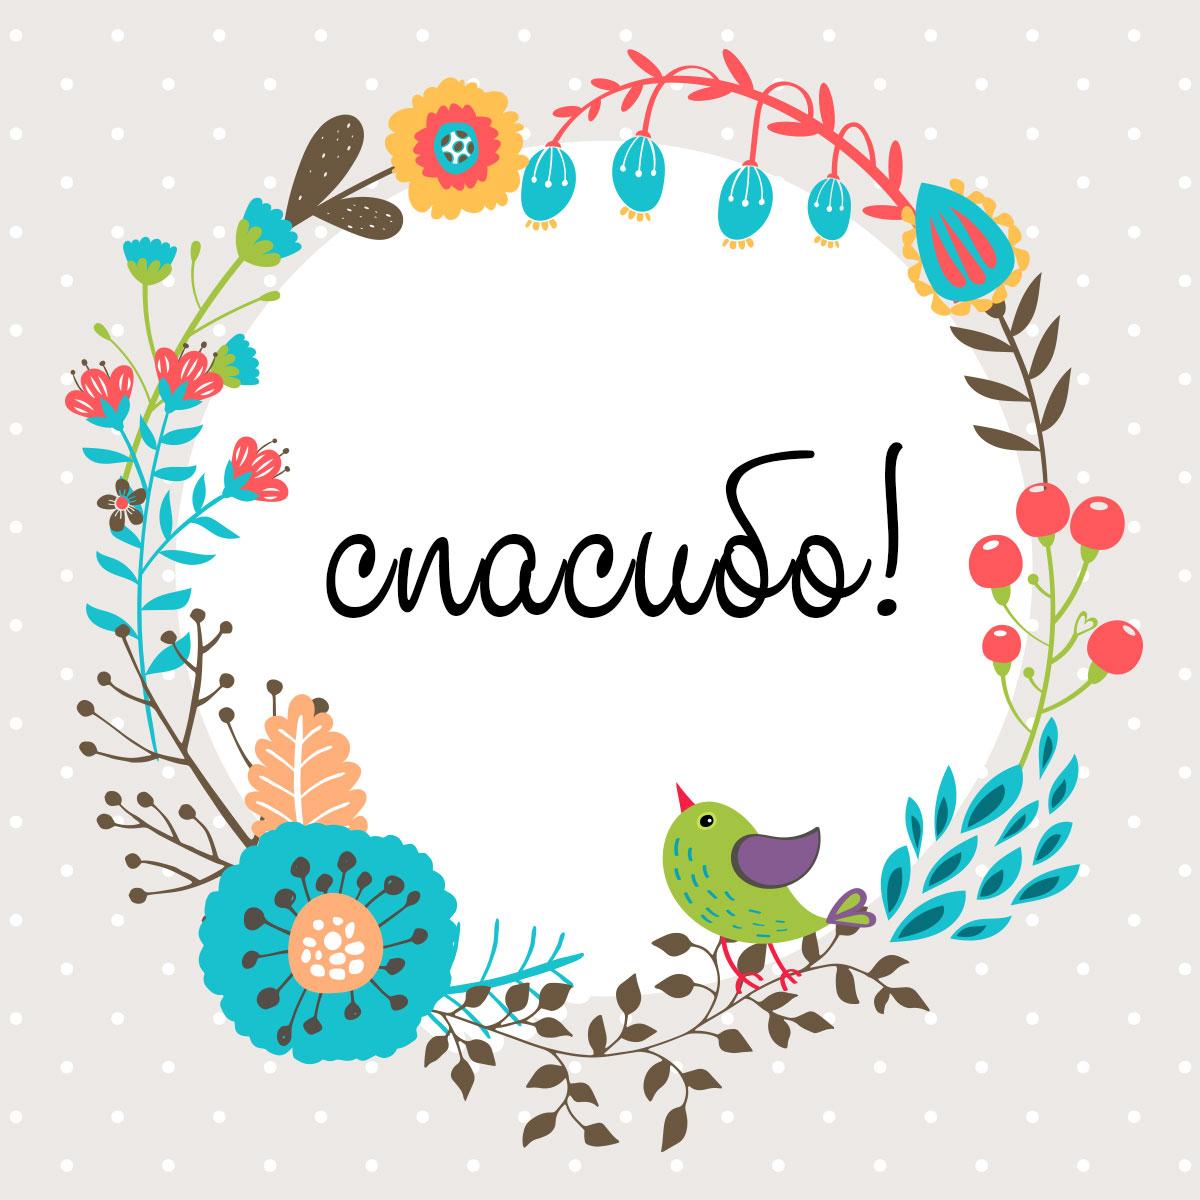 Картинка слово спасибо в круглой рамке из веток растений и цветов с птицей.